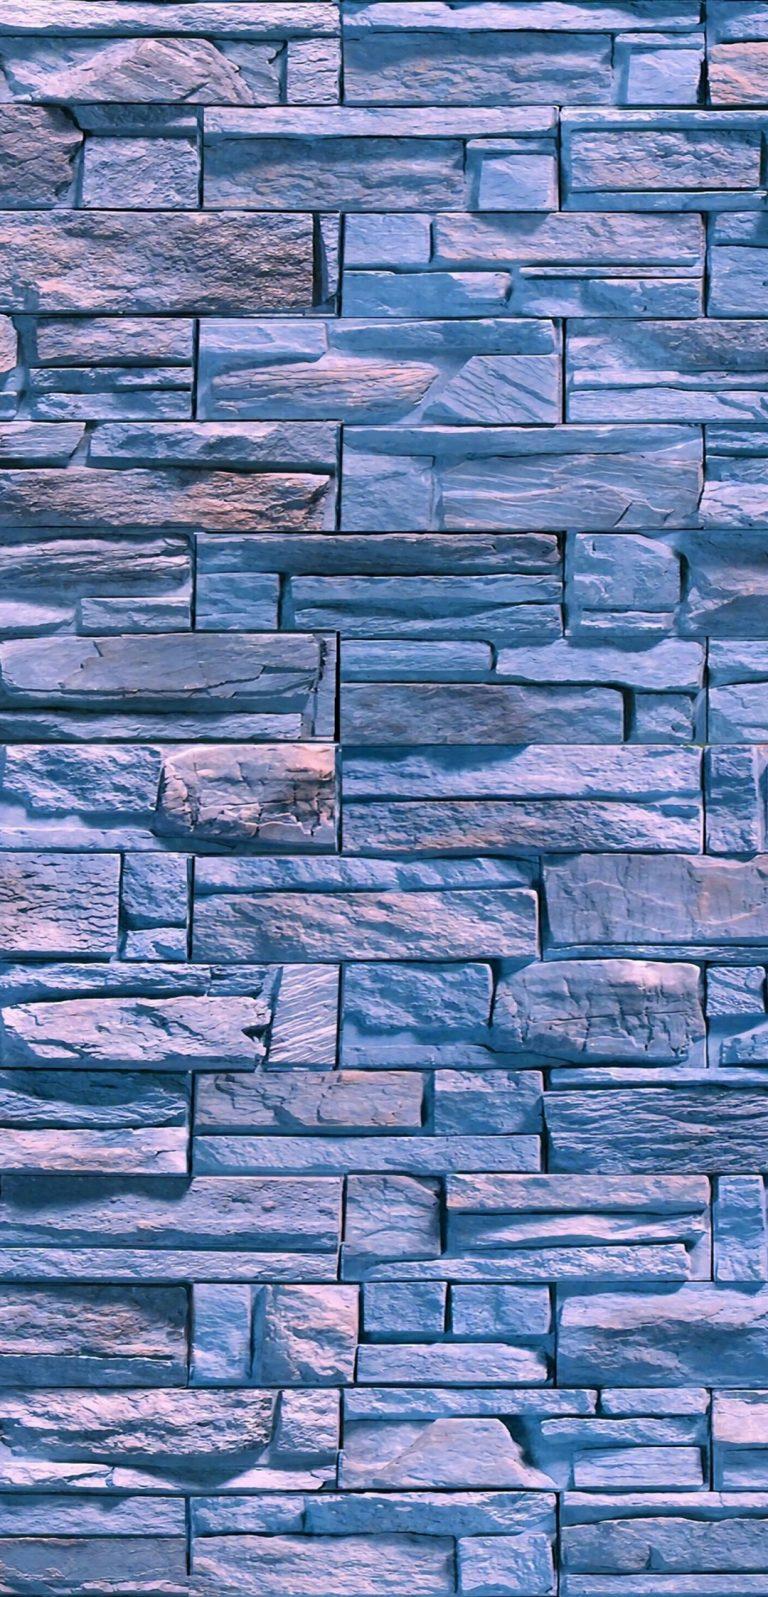 1080x2246 Wallpaper 073 768x1597